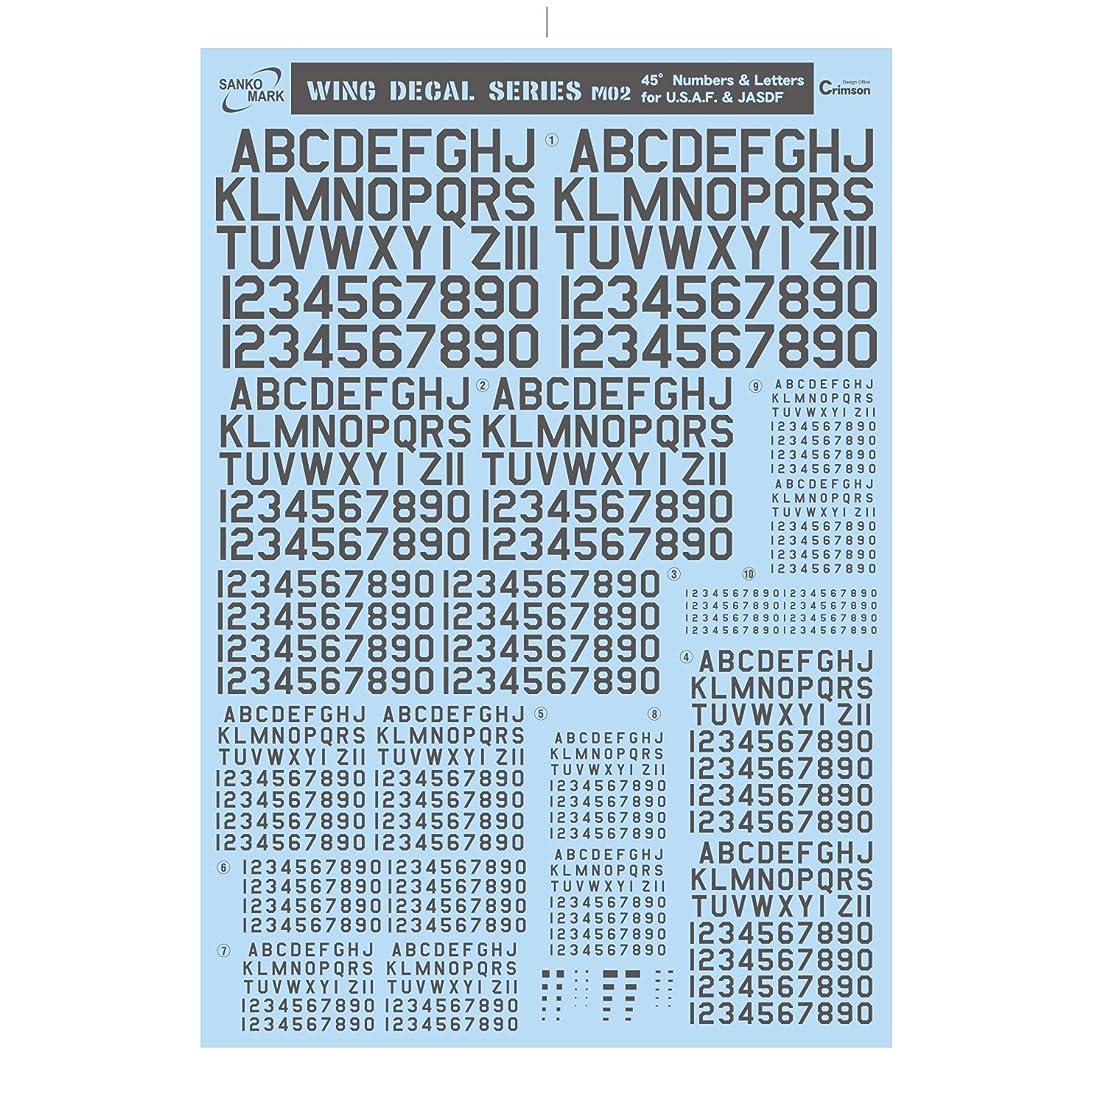 扱う眠っている散逸サンコーマーク工業 M02 45度 Numbers&Letters グレー 13.5×19.5cm レプトジーダ WING DECAL SERIES WM-06